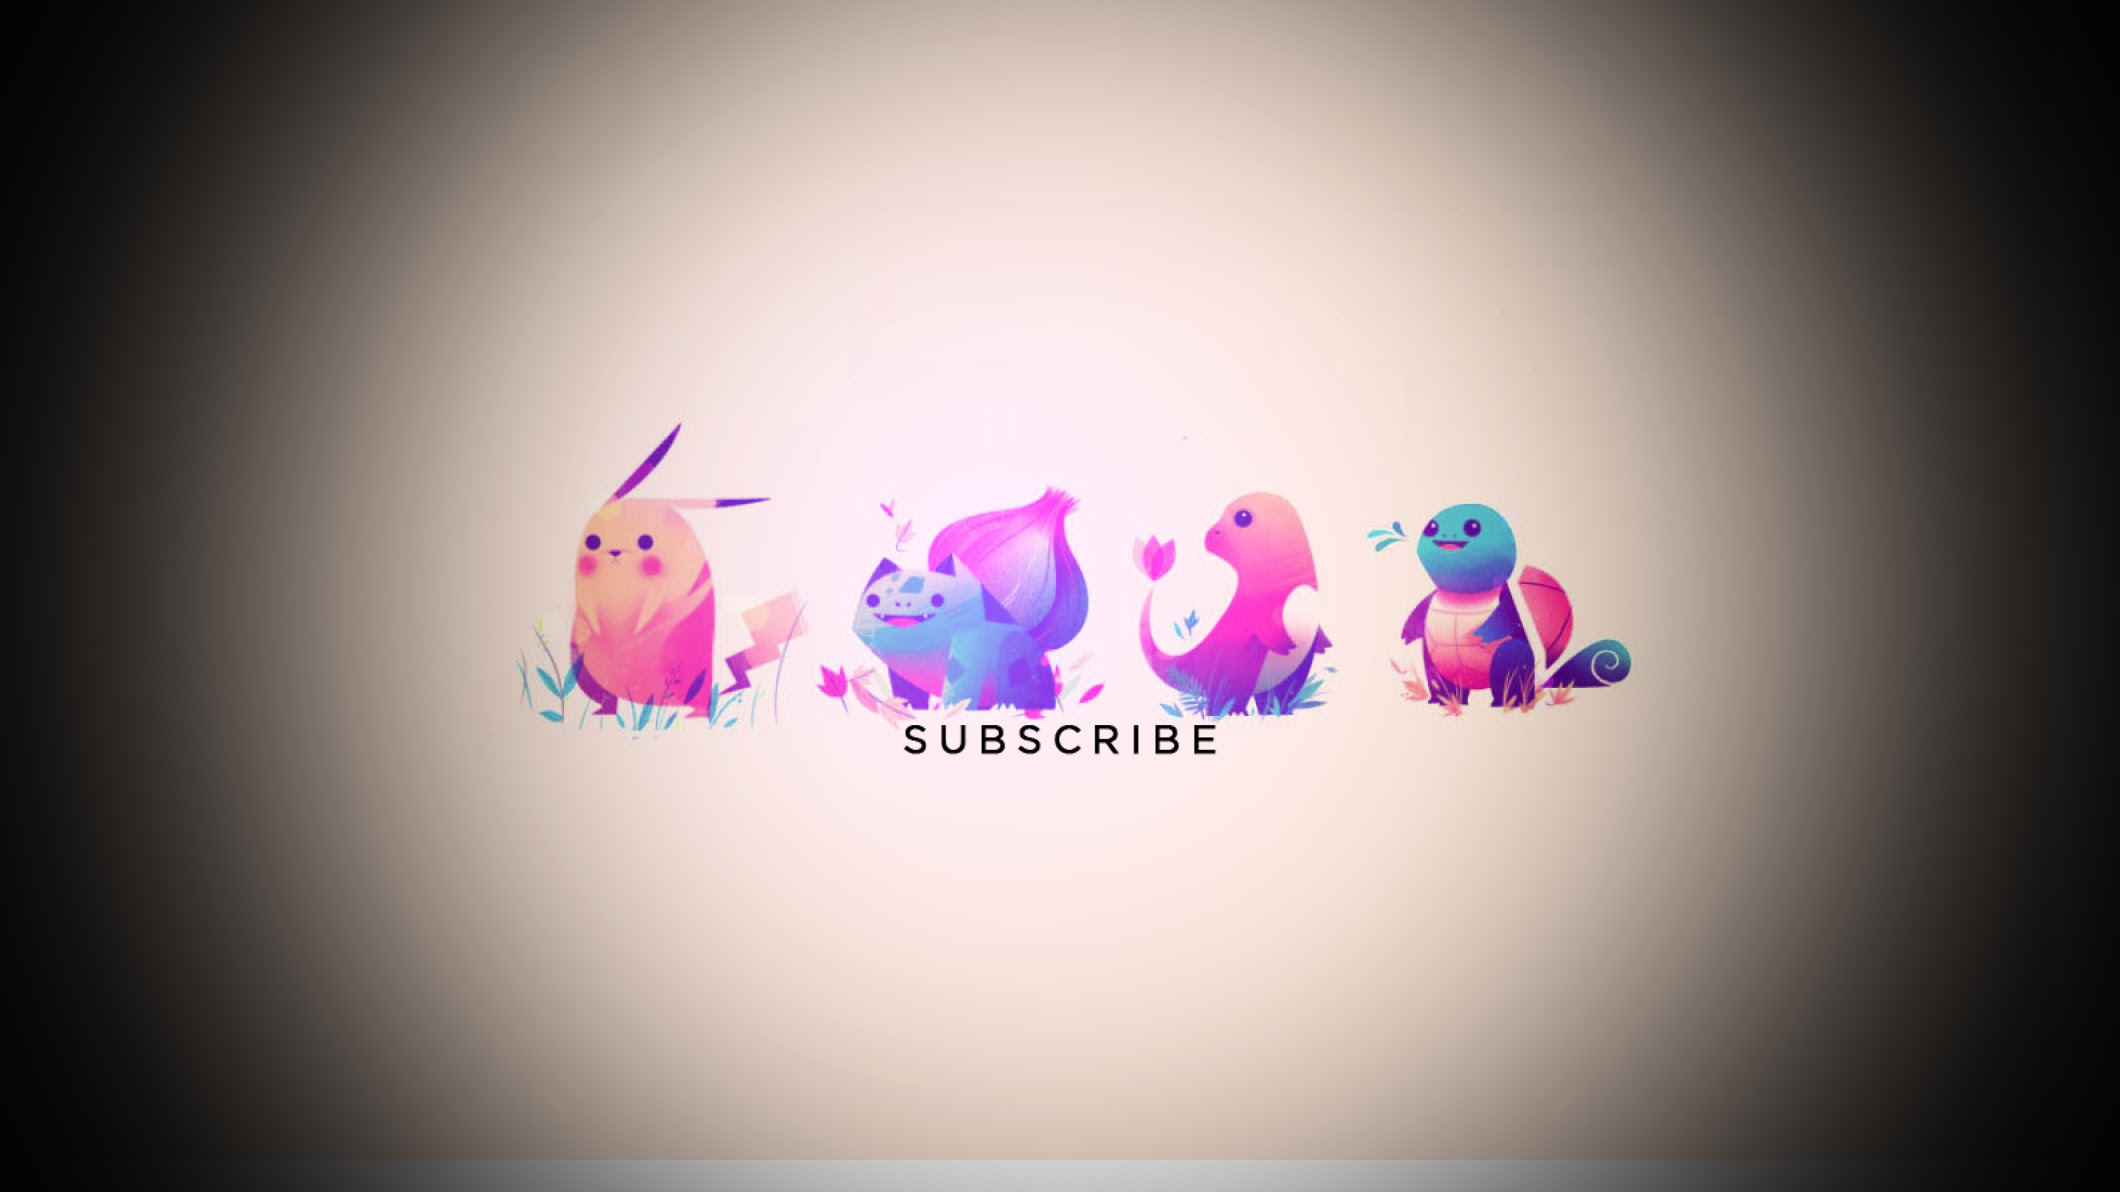 Cute 2048x1152 Wallpaper For Youtube Channel - wallpaper cute